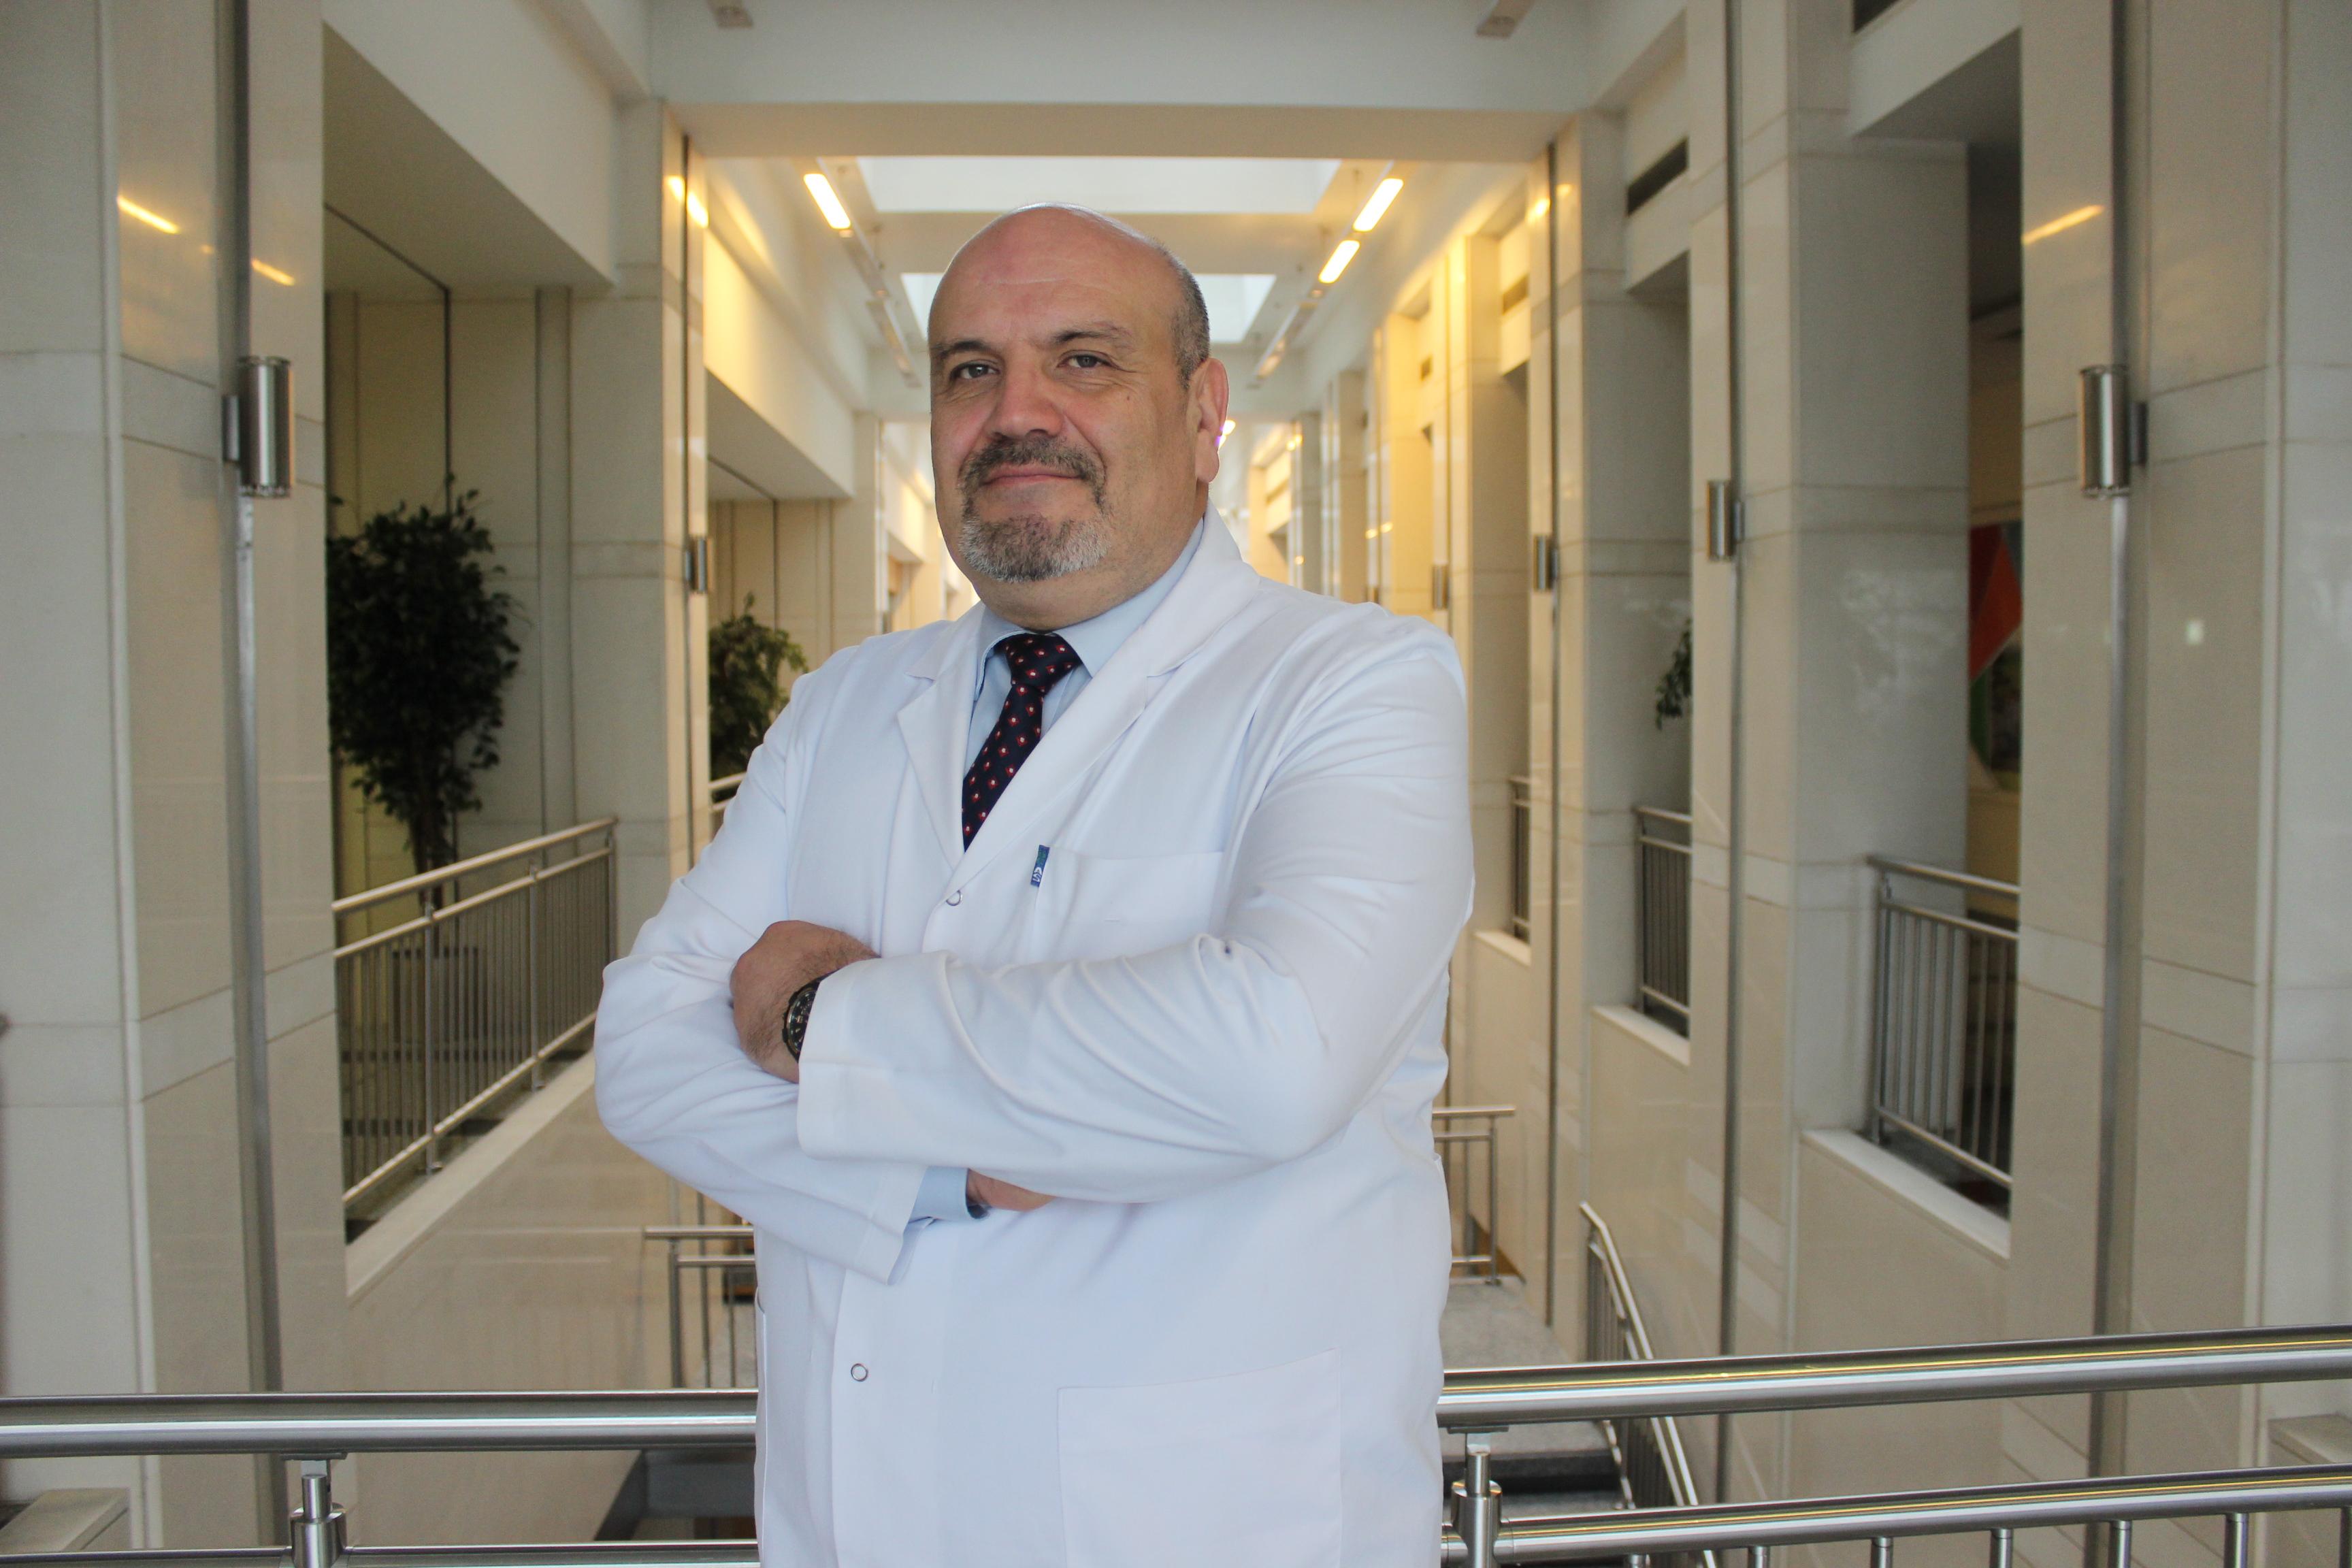 Проф.Др.Мурат Деде  — квалифицированная помощь в медицинском центре Anadolu